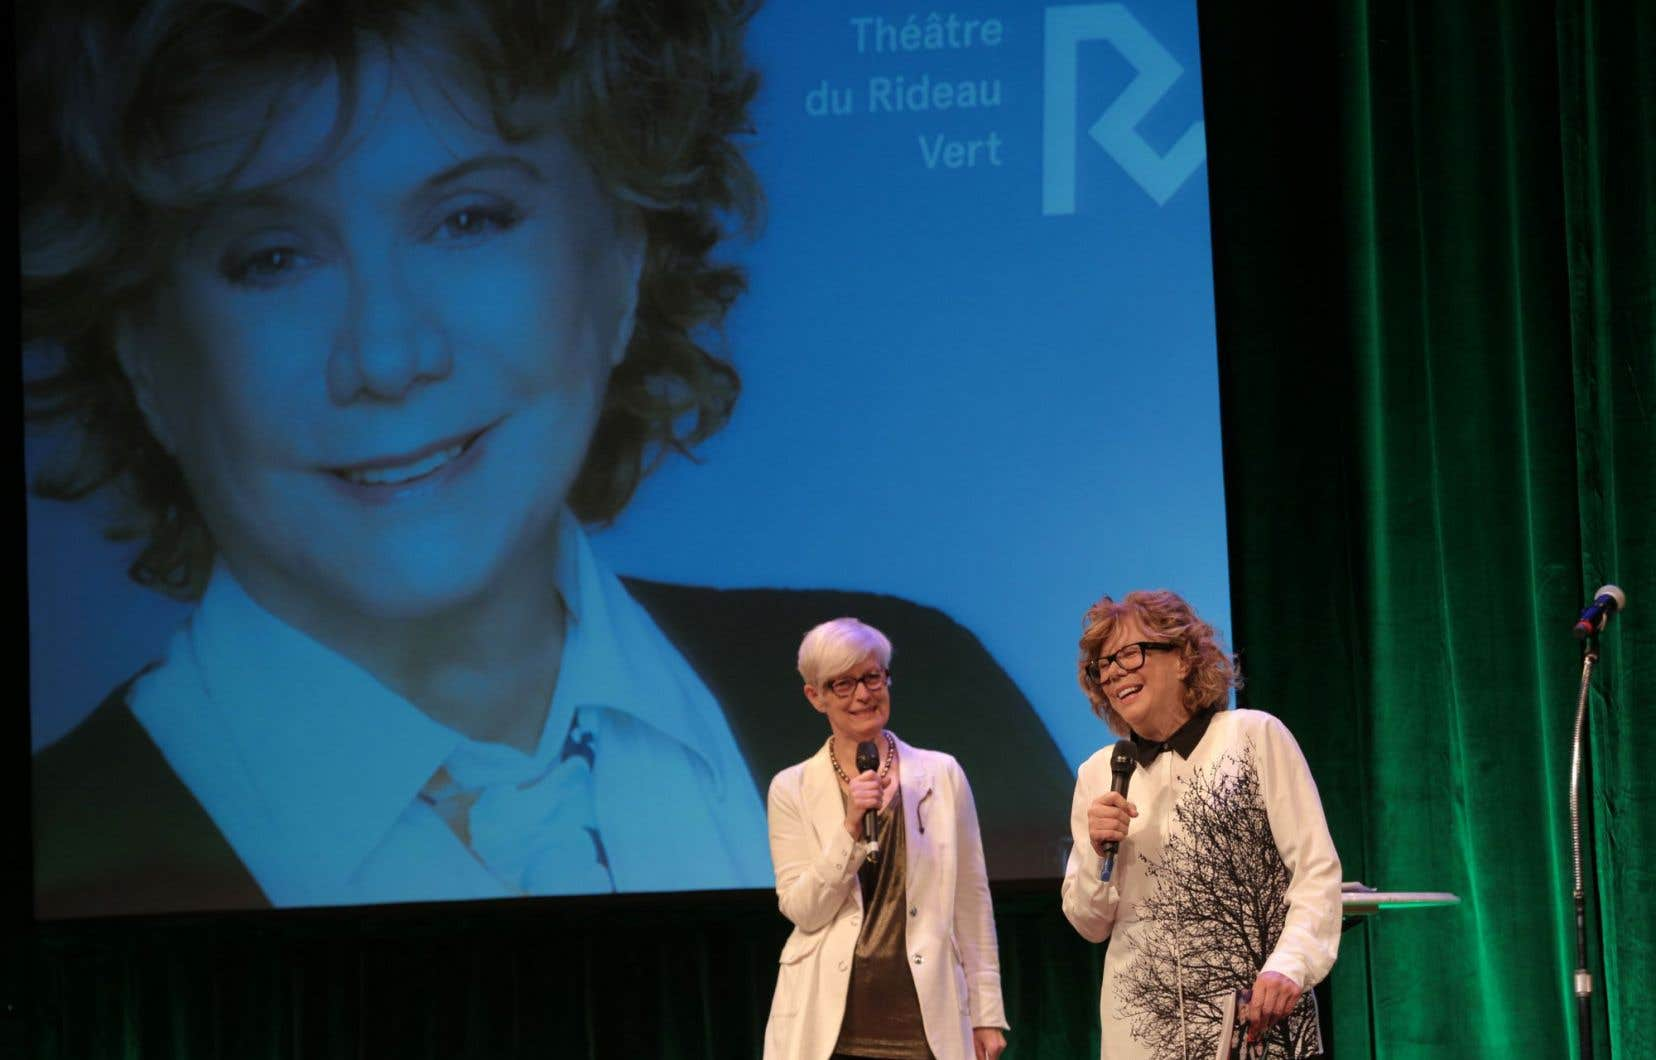 Les «coups de cœur» de la directrice artistique Denise Filiatrault (à droite) aspirent à composer une saison en équilibre entre l'accessibilité et la qualité.